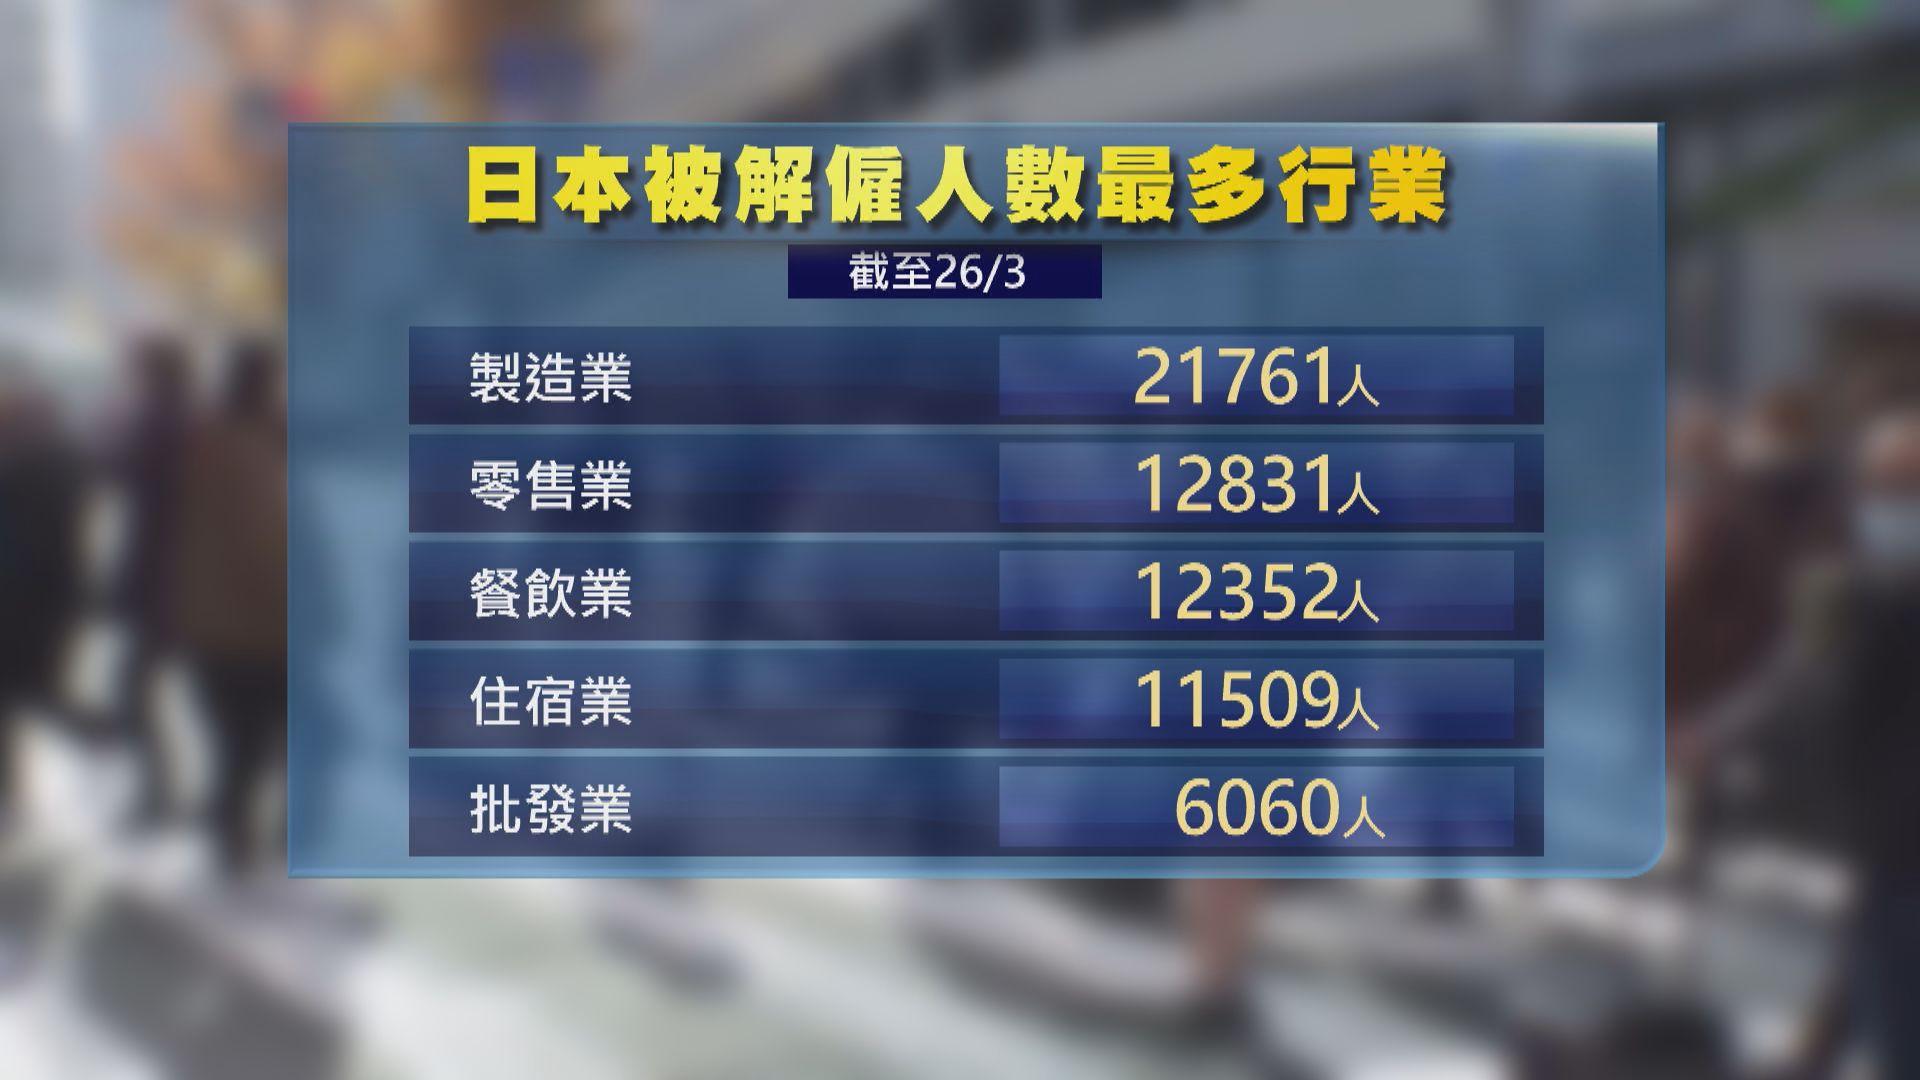 日本因疫情遭解僱人數累計近10萬 自由職業者一年內增逾五成